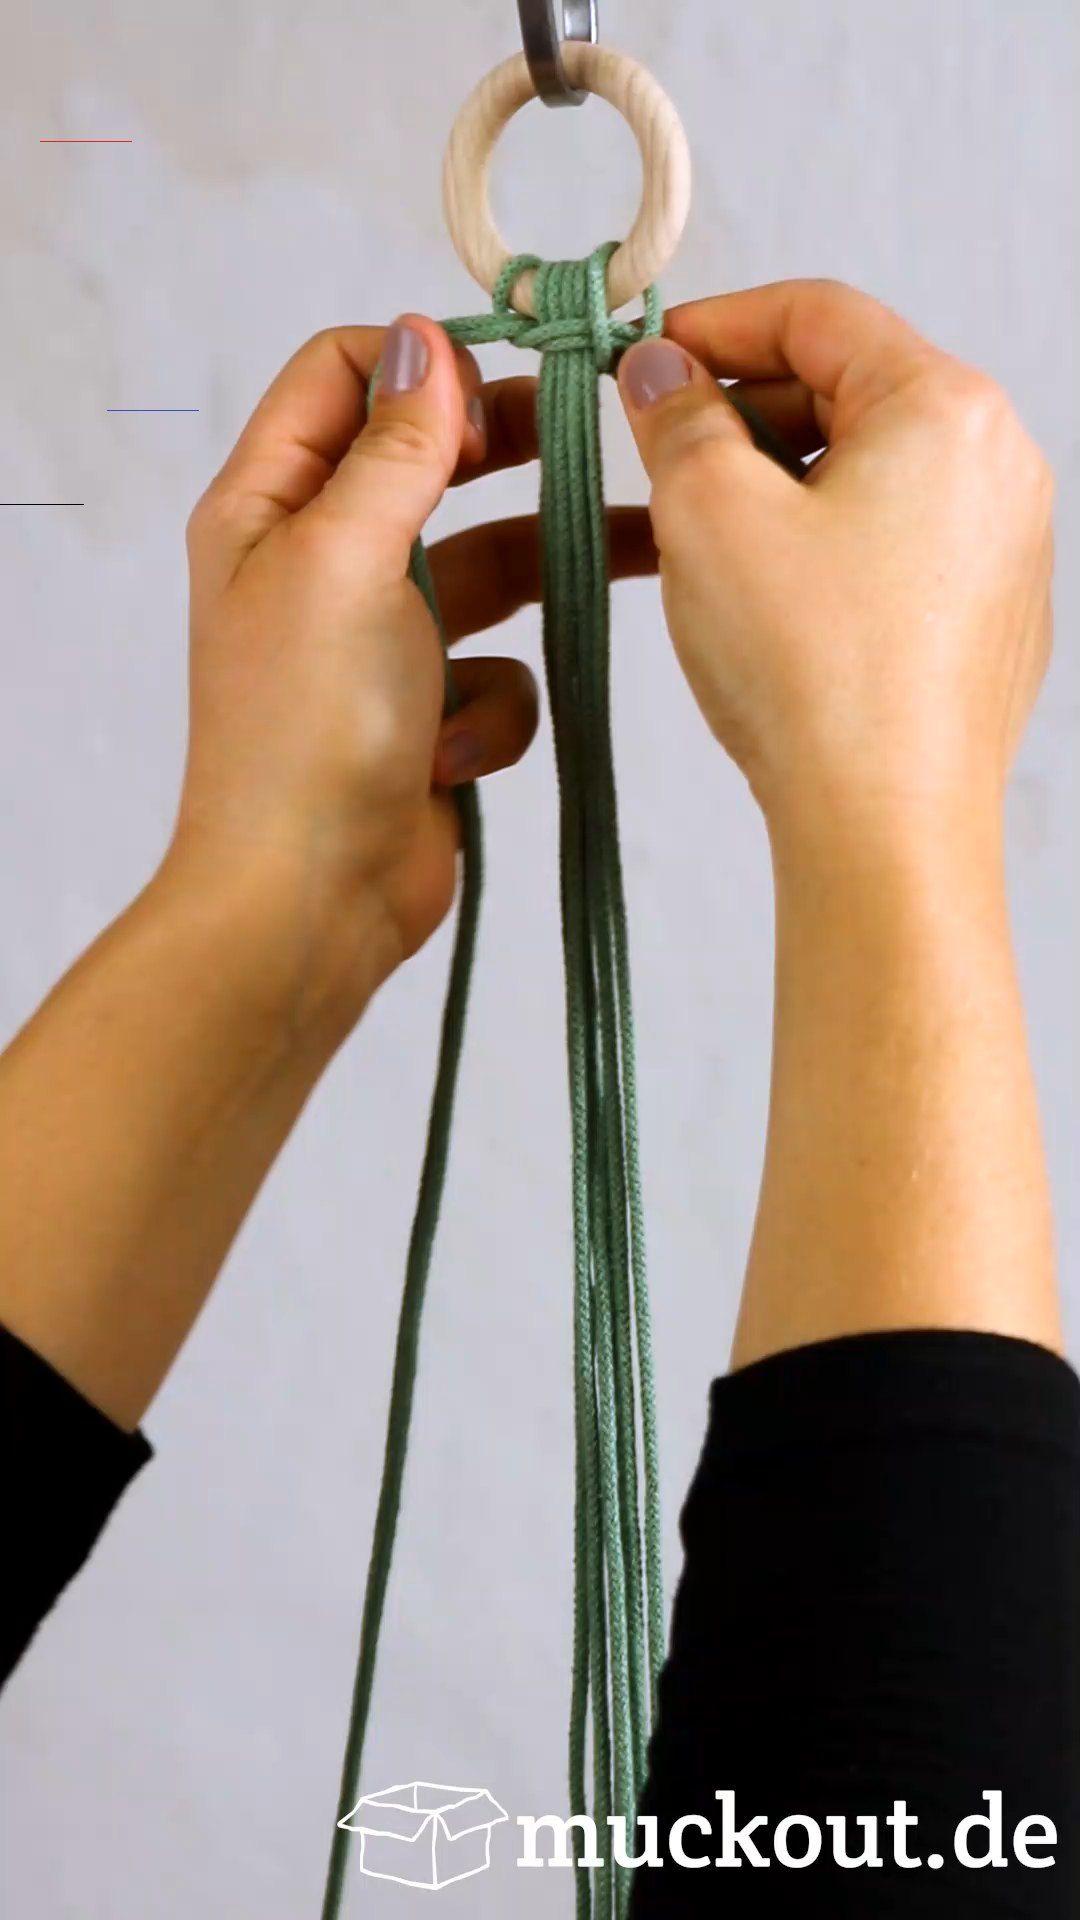 Makramee-Blumenampel selber knüpfen mit Gratis-Muster und Video-Anleitung - #macramewallhanging - Jawoll! Wir haben es geschafft, unserer erstes Makramee-Muster zum Nachknüpfen ist da. Wir haben nun schon in vielen Texten und Videos die Grundlagen beim Makramee erklärt. Nun kann es ans Eingemachte gehen. Ich knote eigentlich am liebsten Blumenampeln, vor allem eignen diese sich perfekt als Last-Minute-Geschenkidee. Ein selbstgemachtes Geschenk macht einfach soviel her und wenn …...